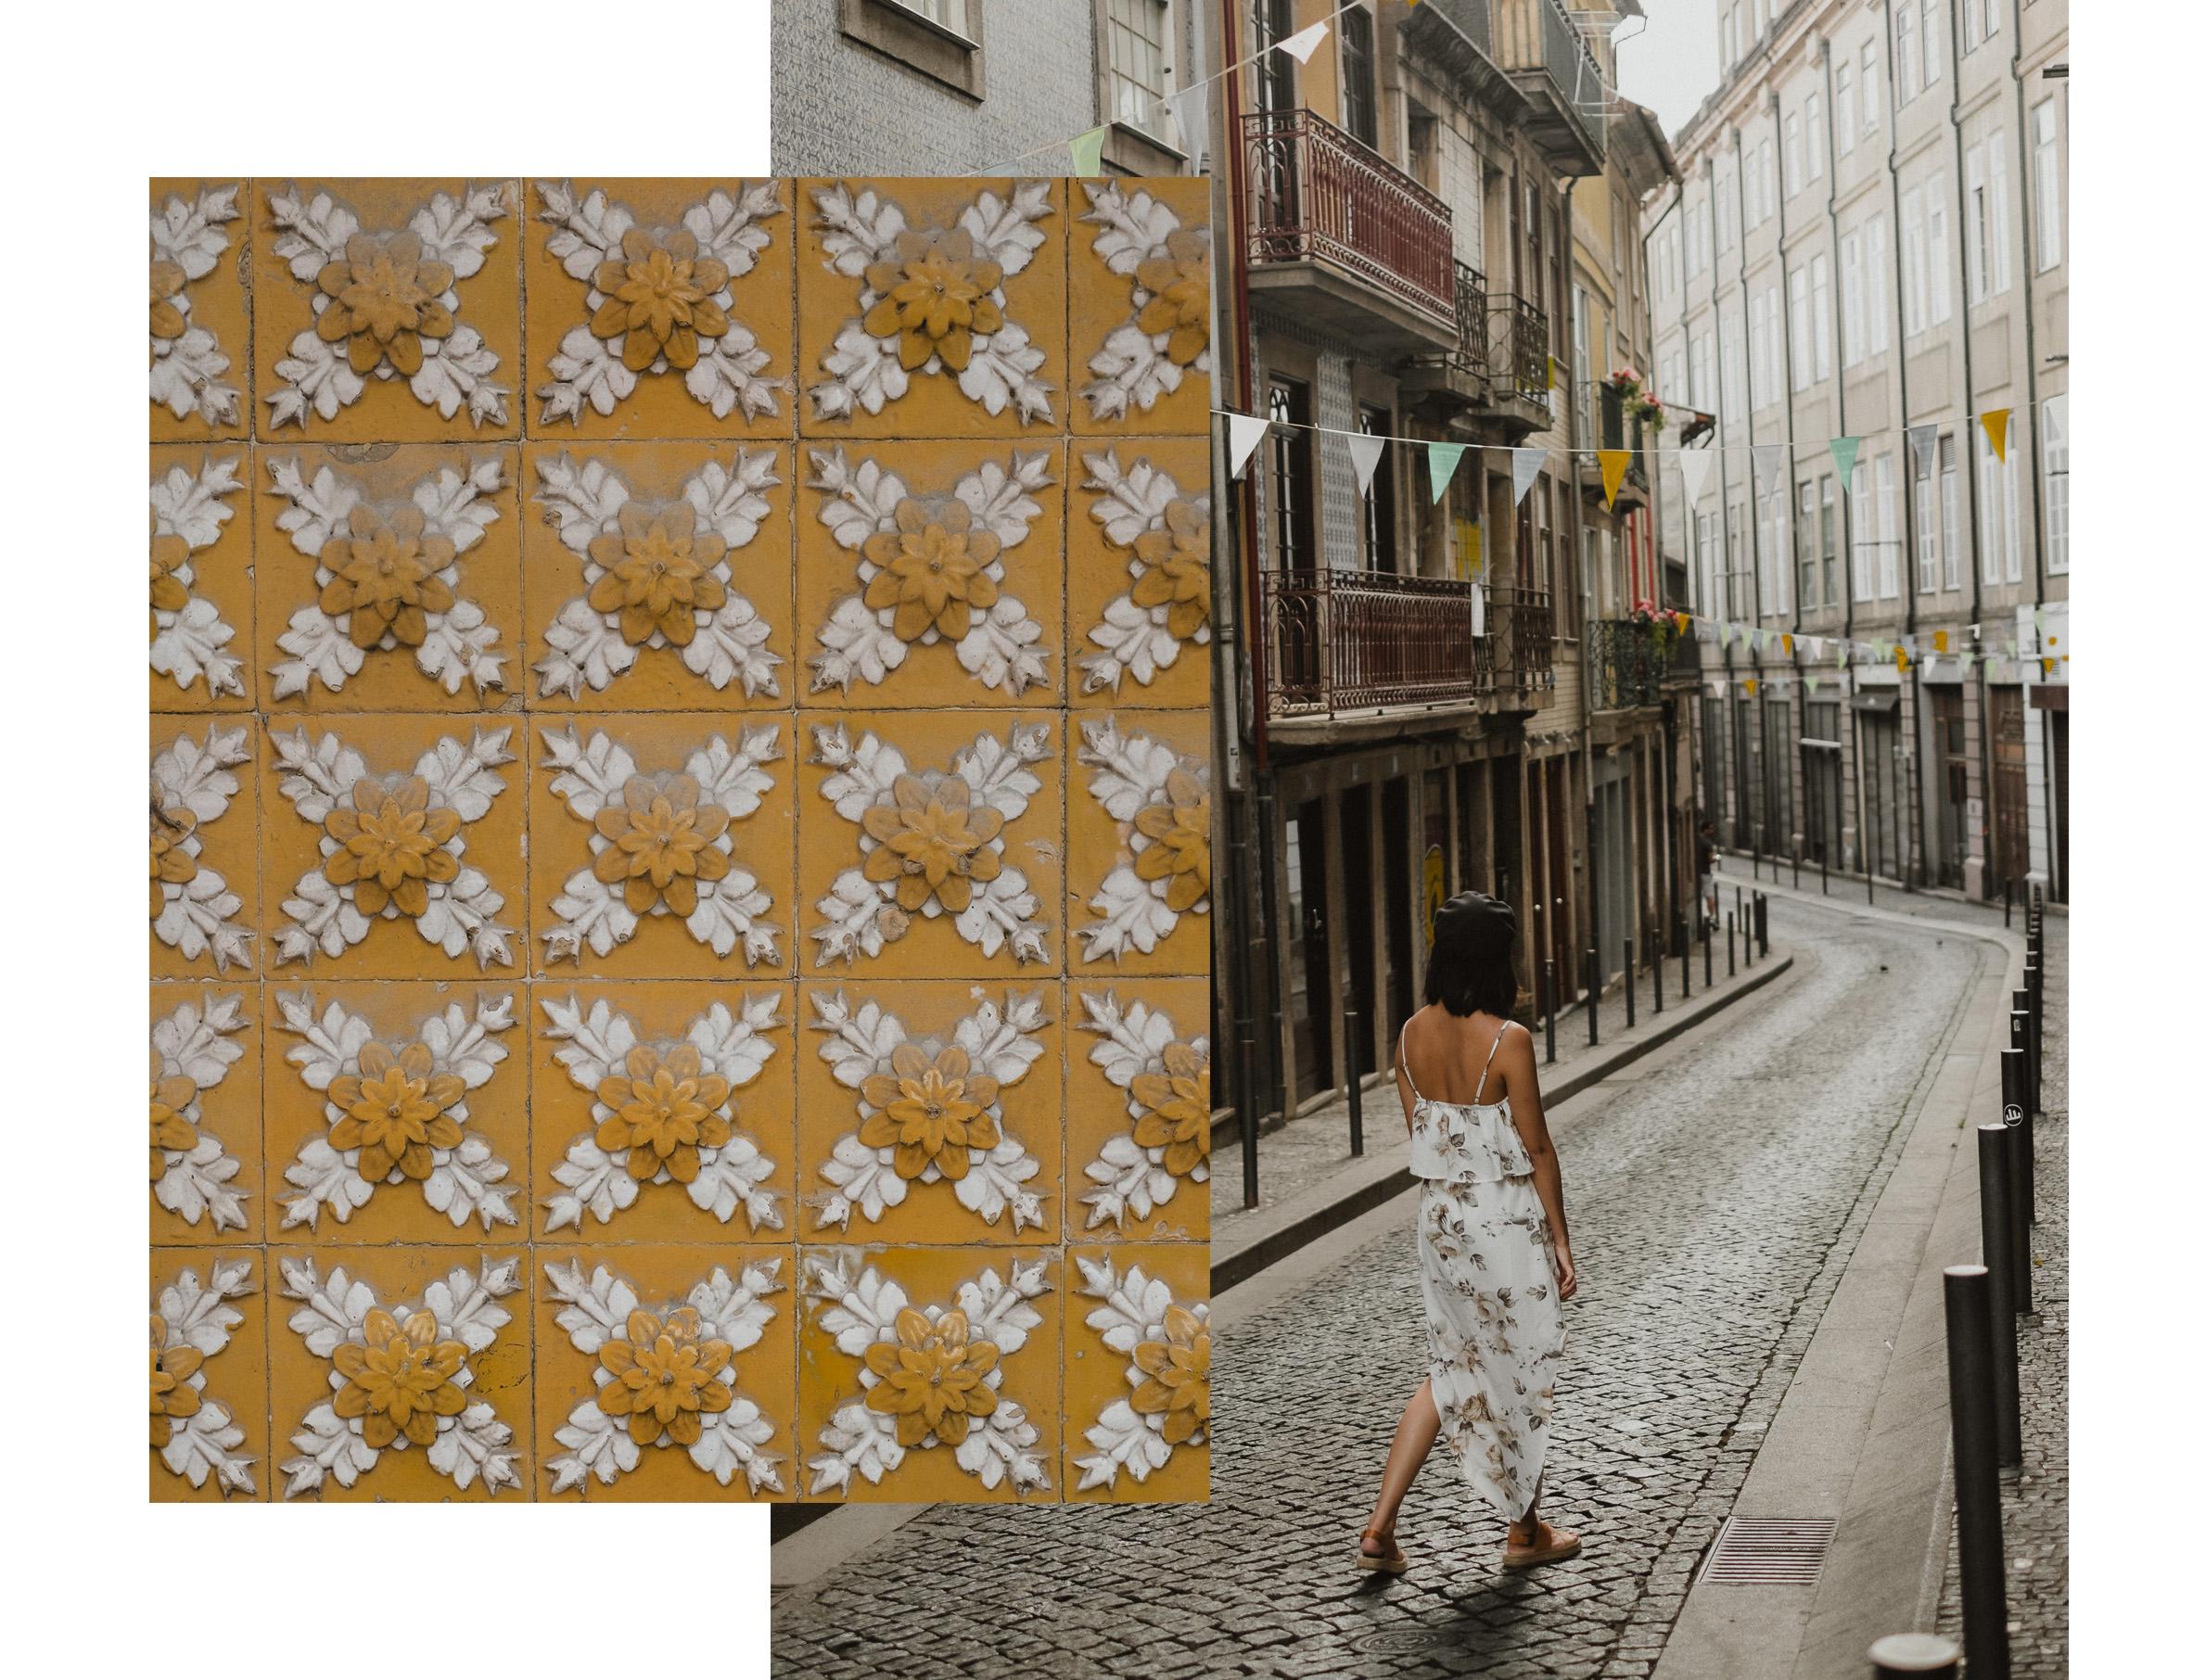 portugal-tiles.jpg